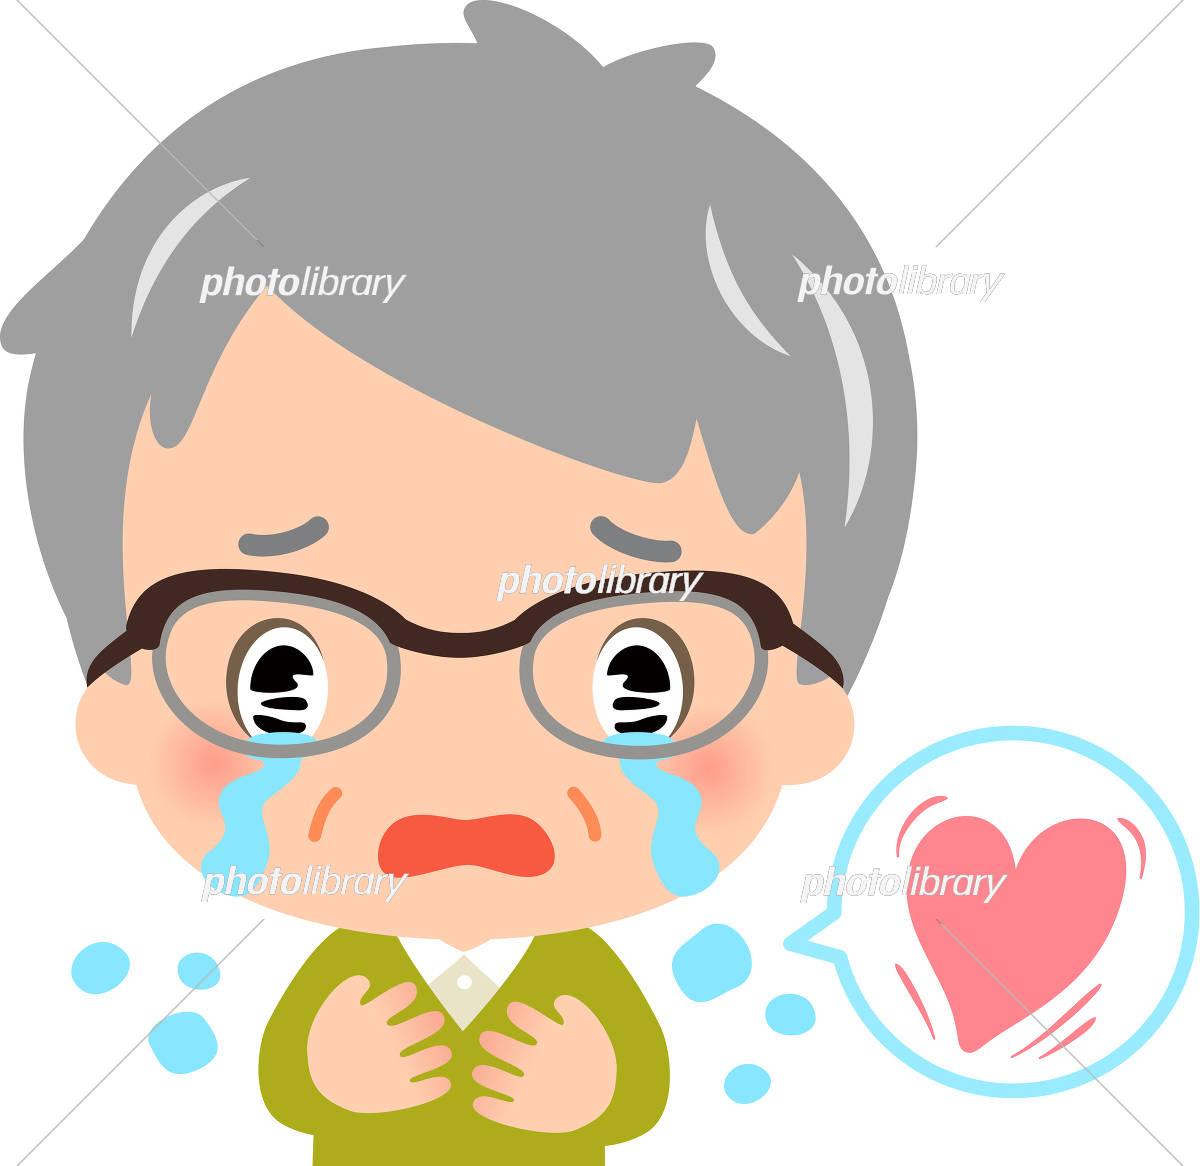 感動して涙を流すシニア男性 イラスト素材 5334750 フォトライブ